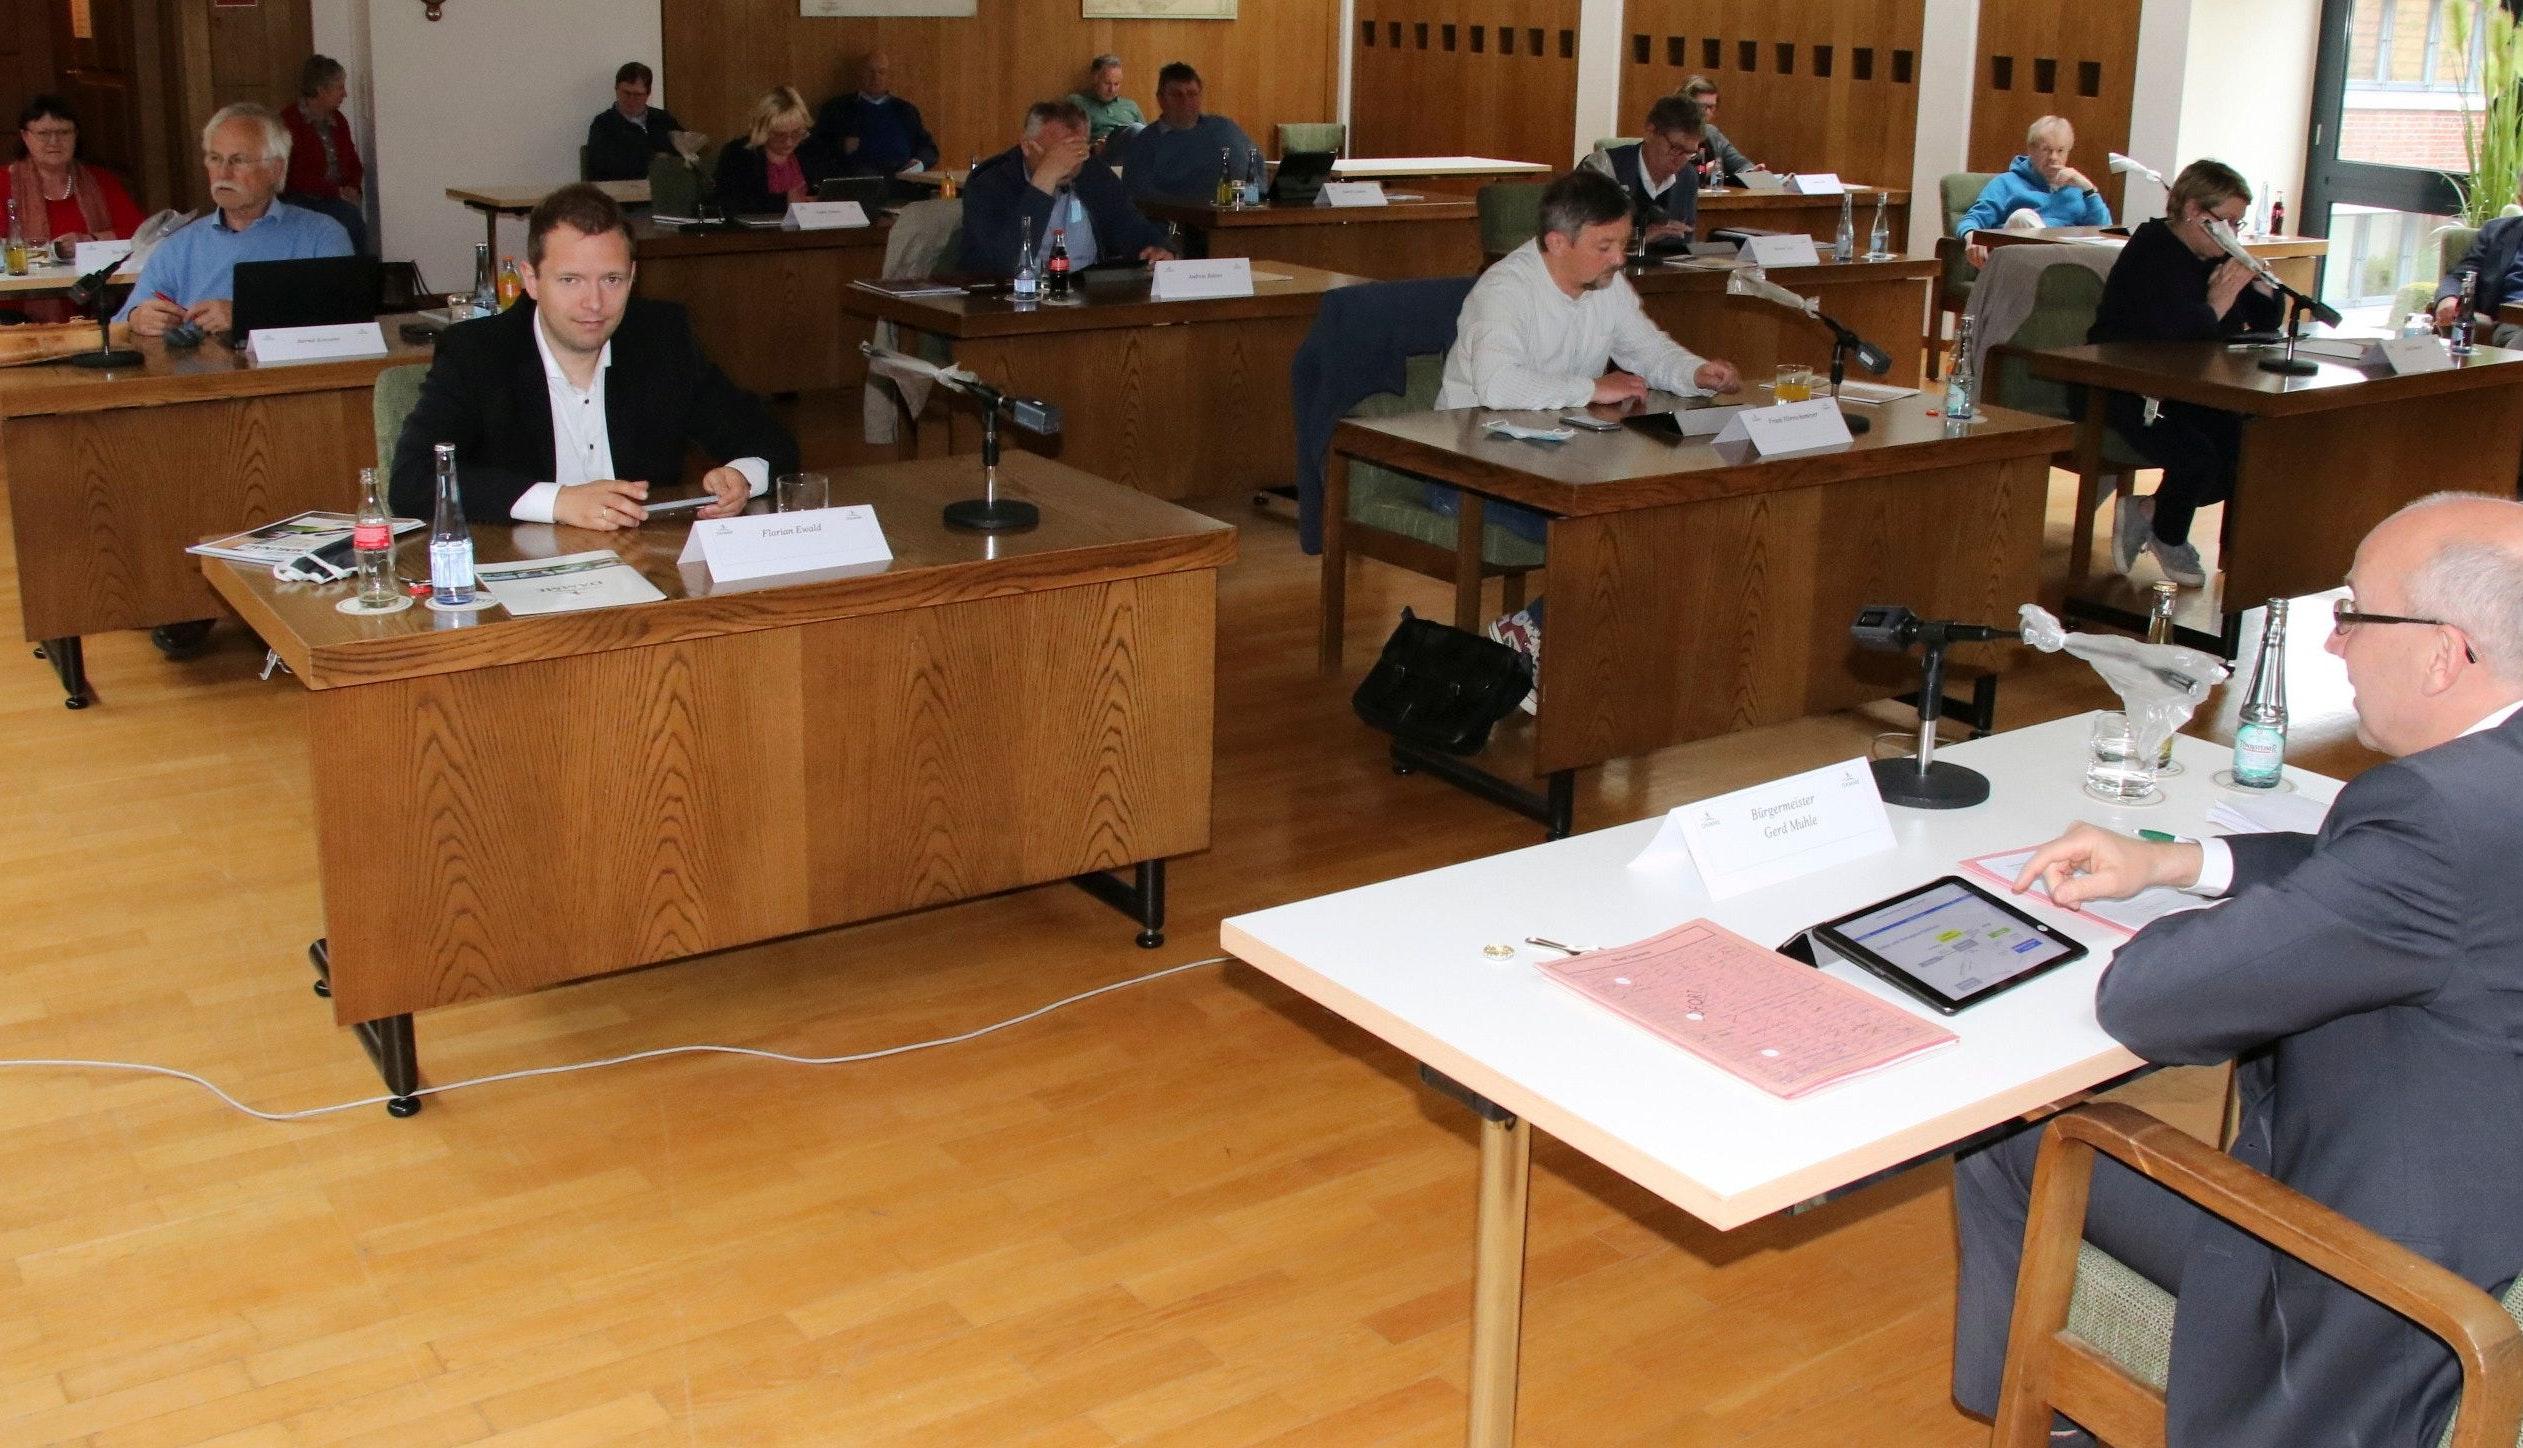 Neue Besetzung: Ab dem 1. November tagt im Ratssaal im Rathaus der am Sonntag gewählte Stadtrat. Foto: Lammert